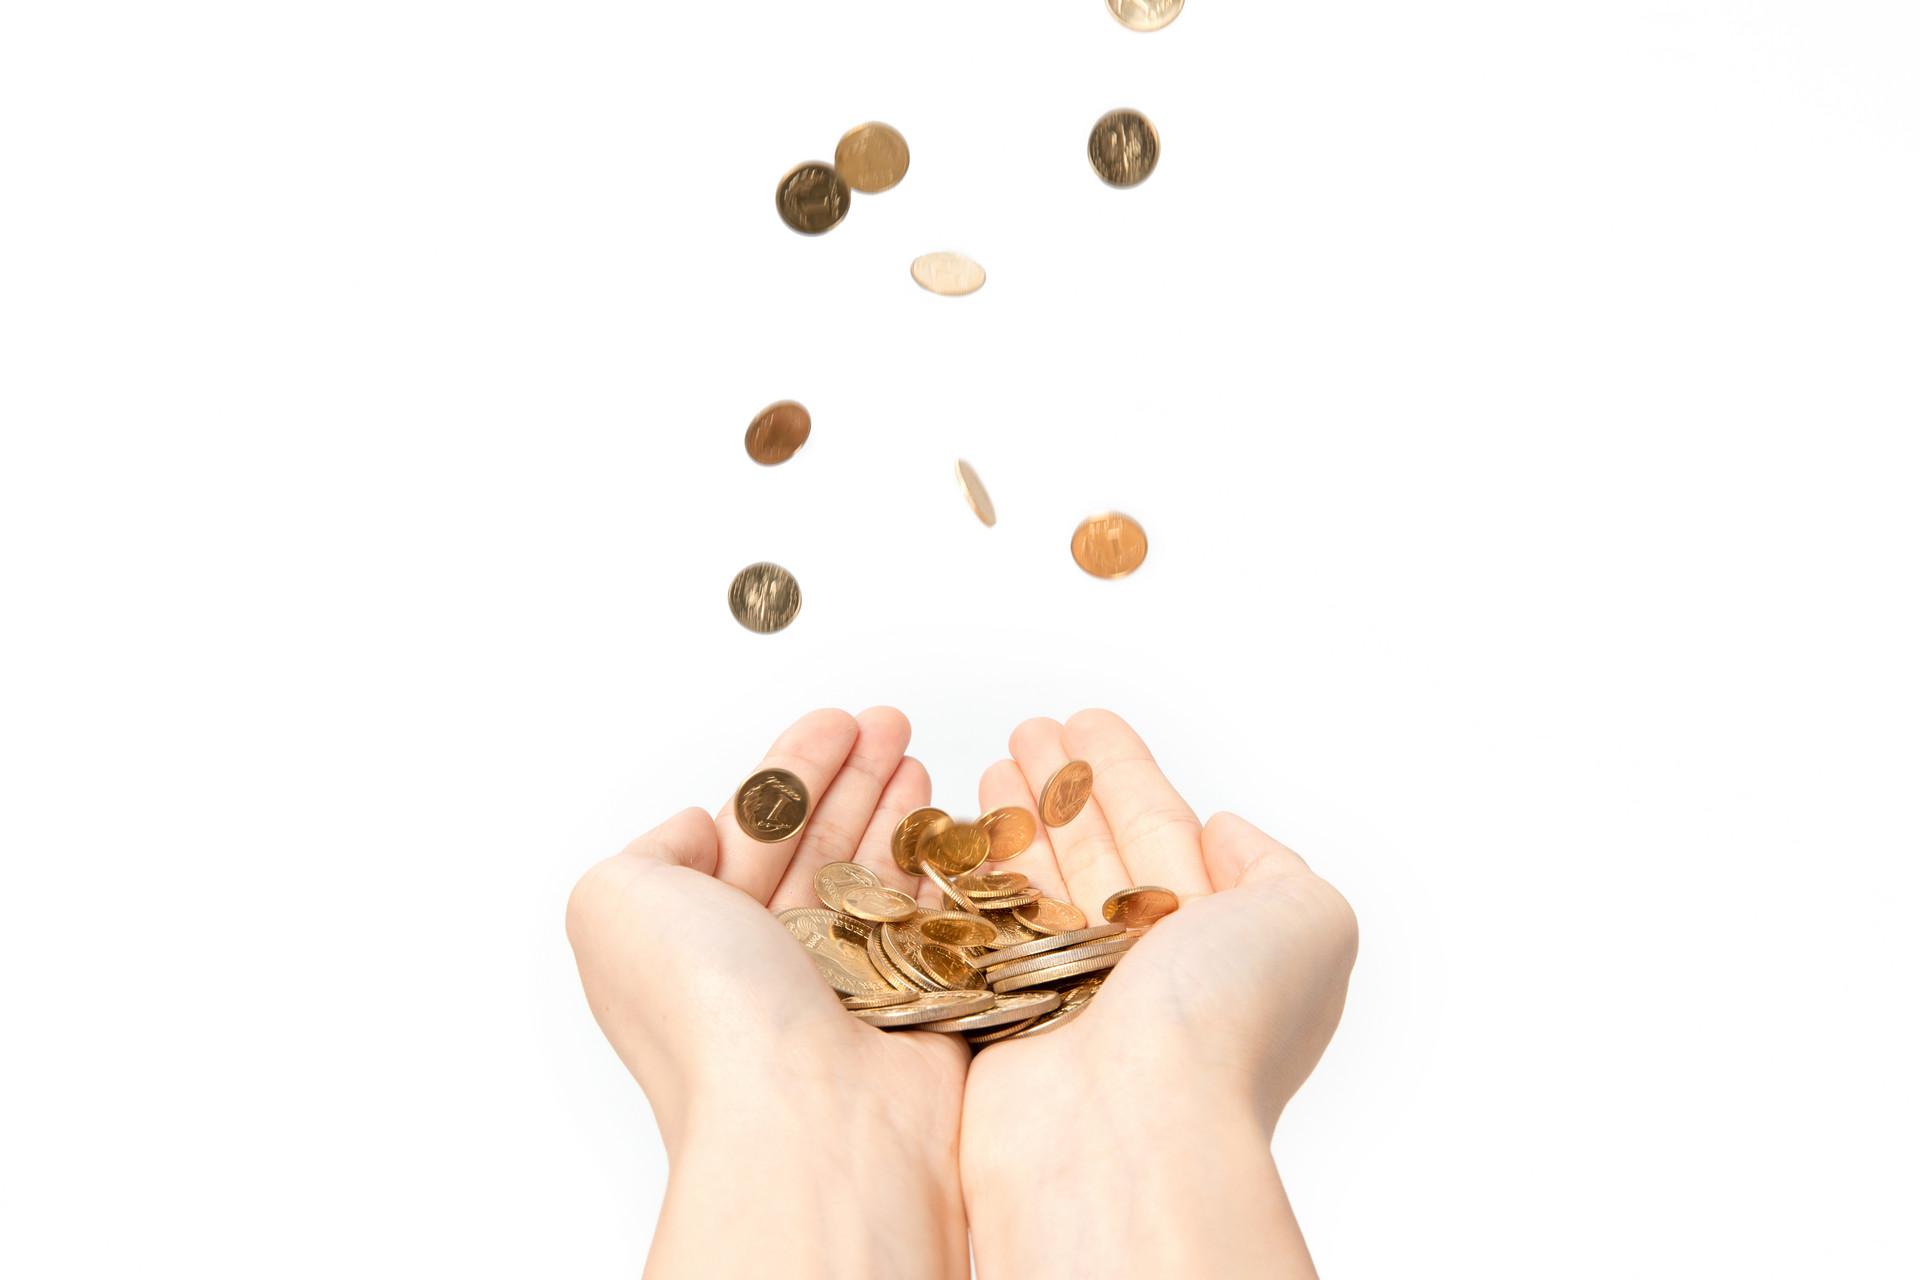 年金理财保险有保障性吗?买它划算吗